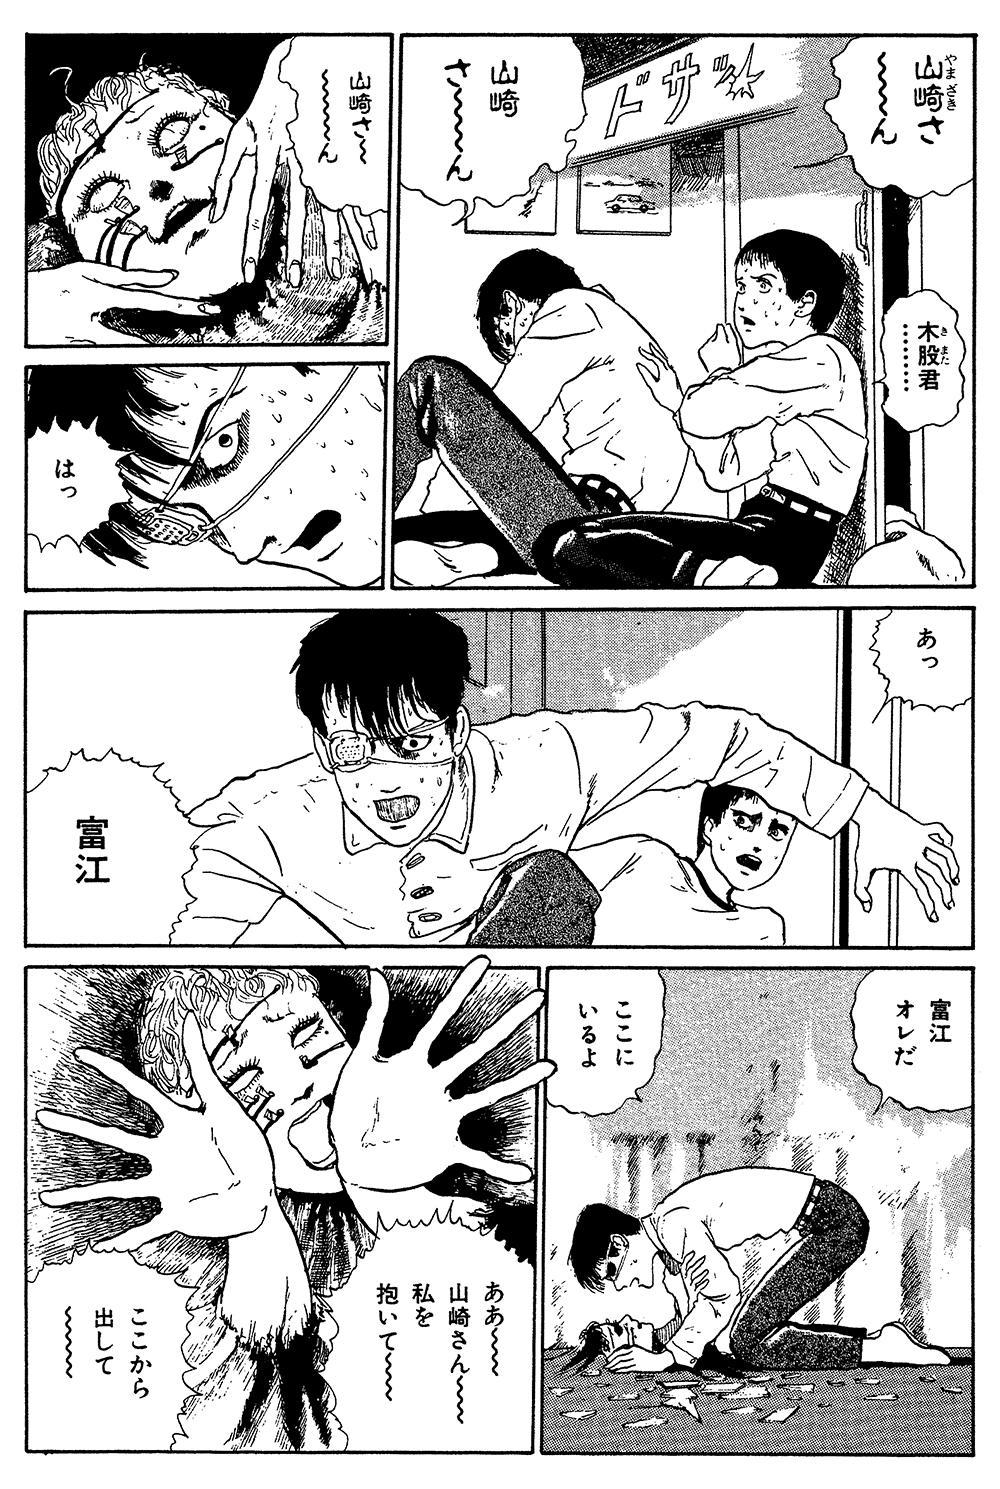 伊藤潤二傑作集 第5話「富江 接吻」4junji18-01.jpg